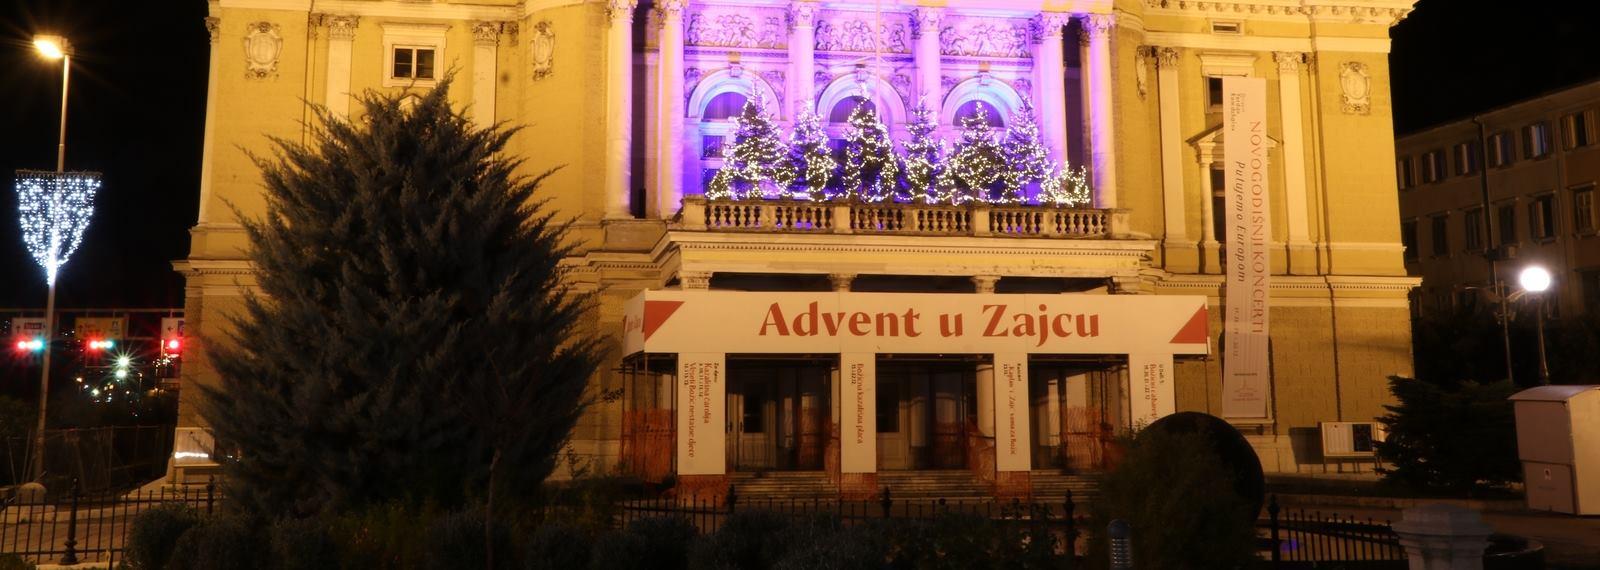 HNK Ivana pl. Zajca u adventsko vrijeme postaje više od kazališta